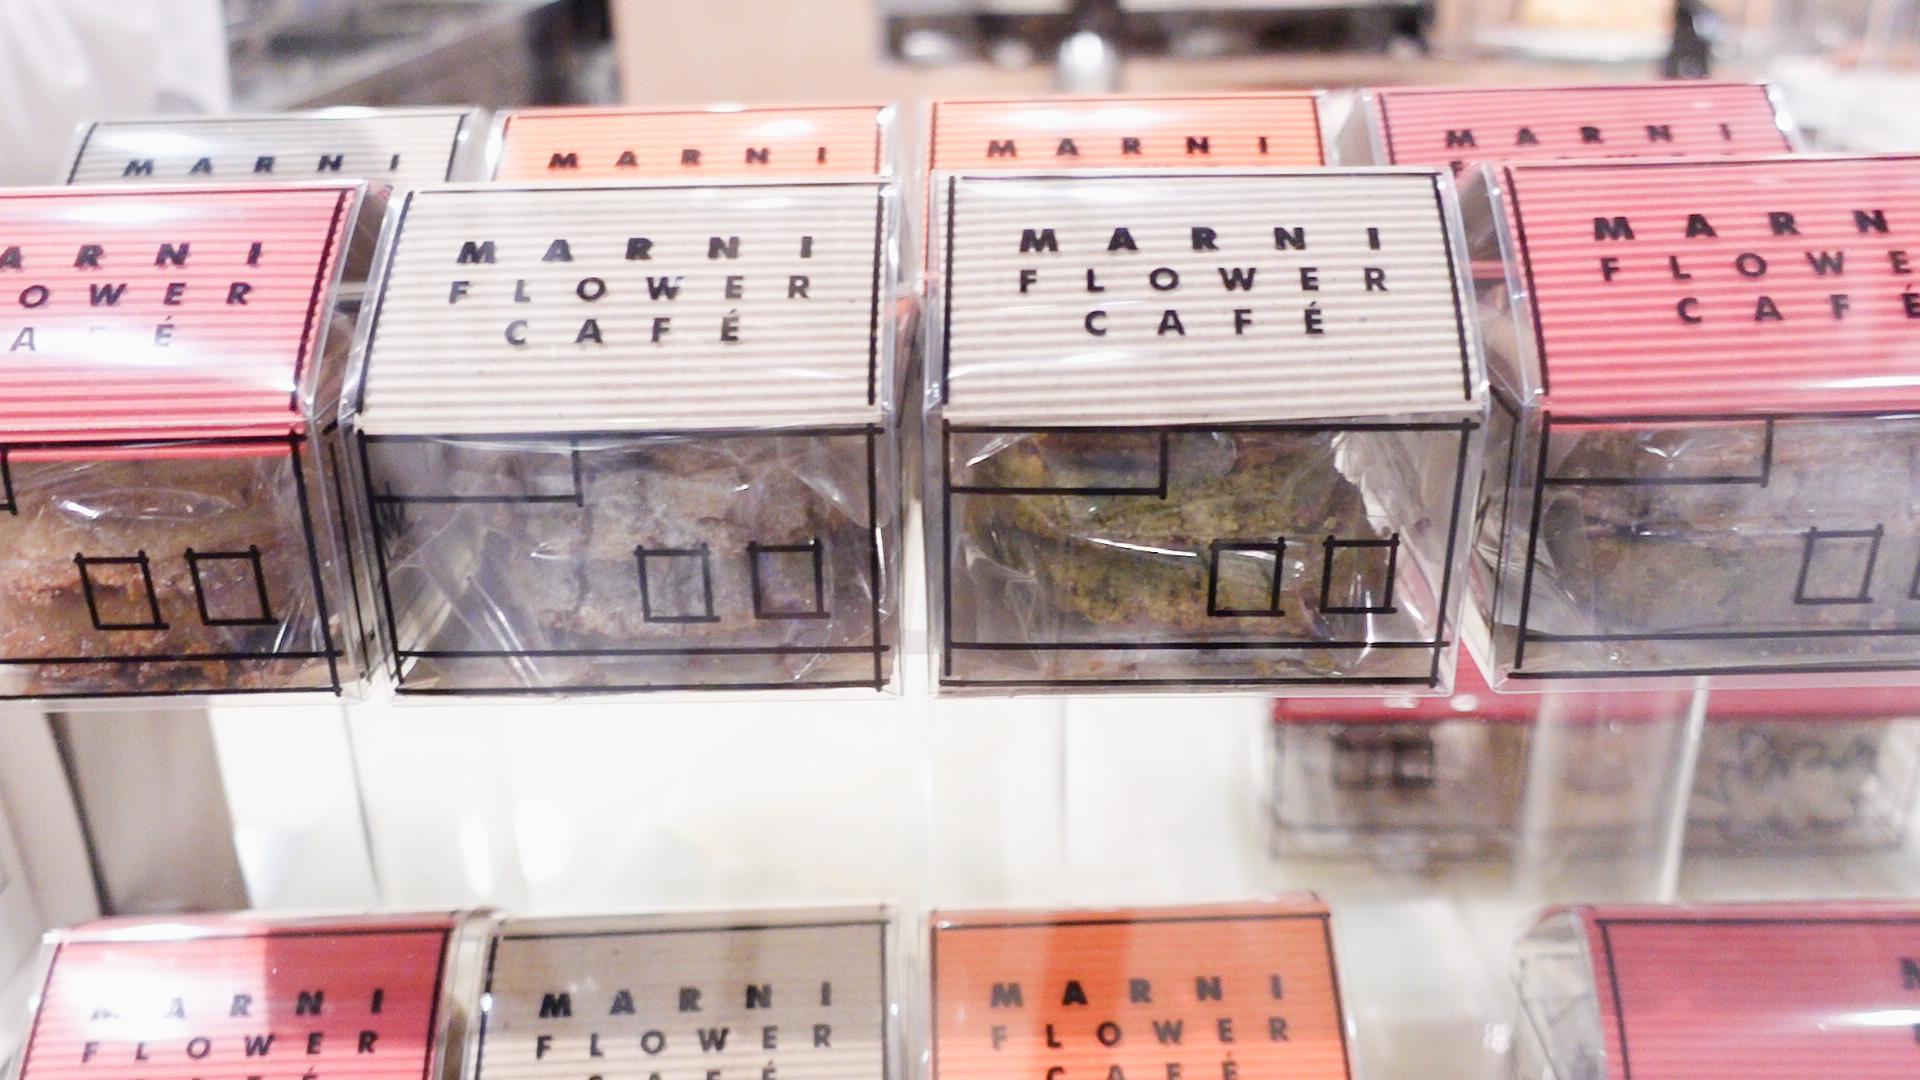 【大阪】阪急うめだ本店にMARNI のカフェが!?「MARNI FLOWER CAFE」ではスイーツやランチも楽しめてかわいいクッキーも買えちゃう!?_6